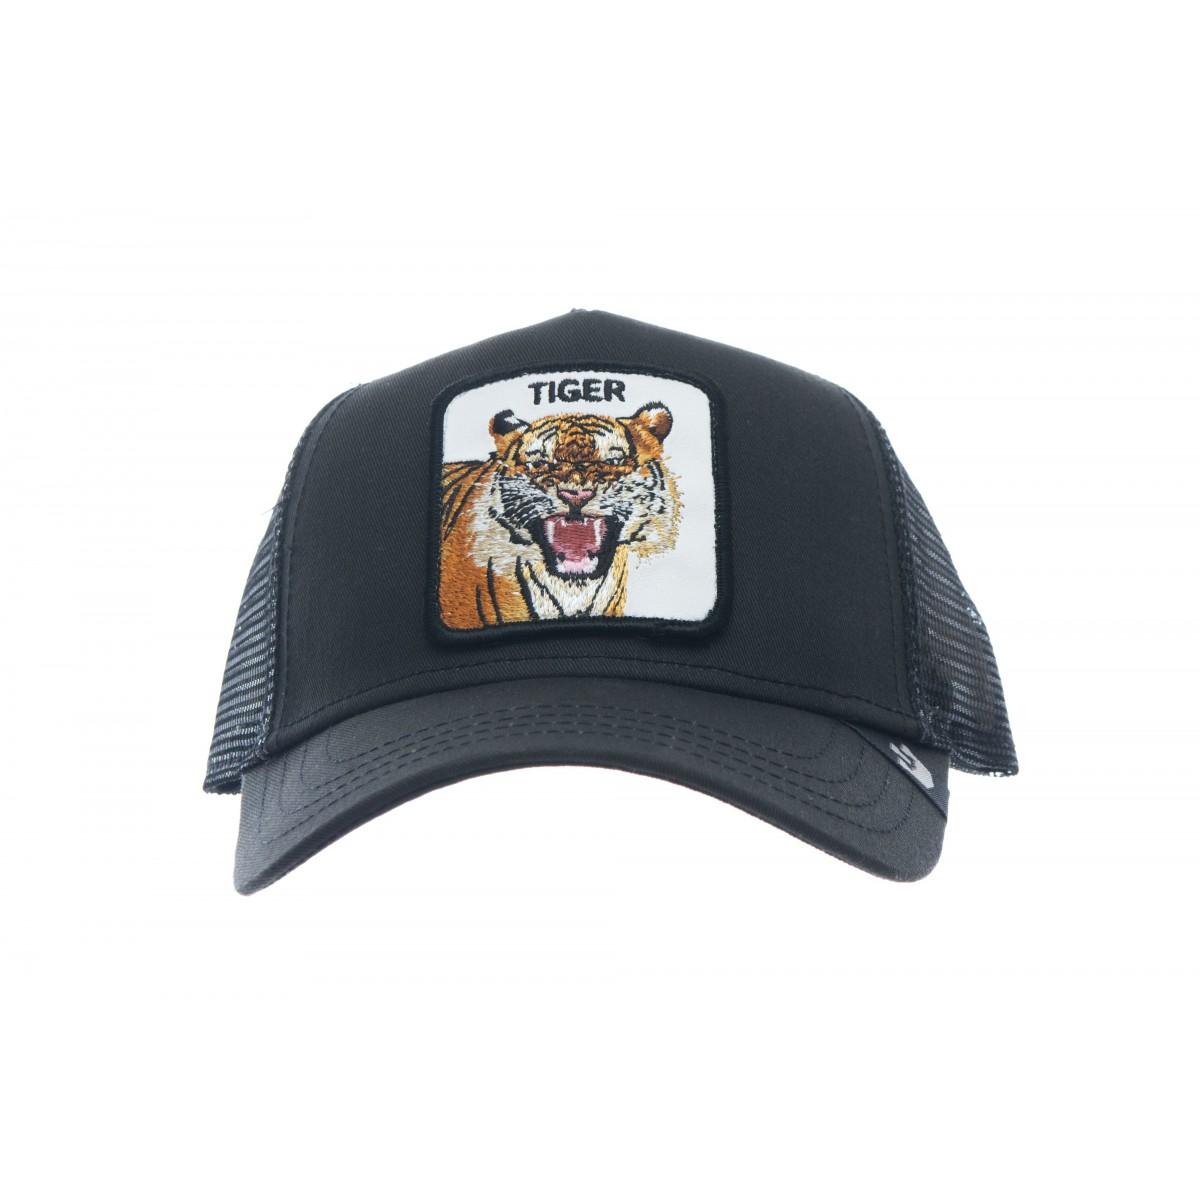 Berretto - Tiger leader limited edition